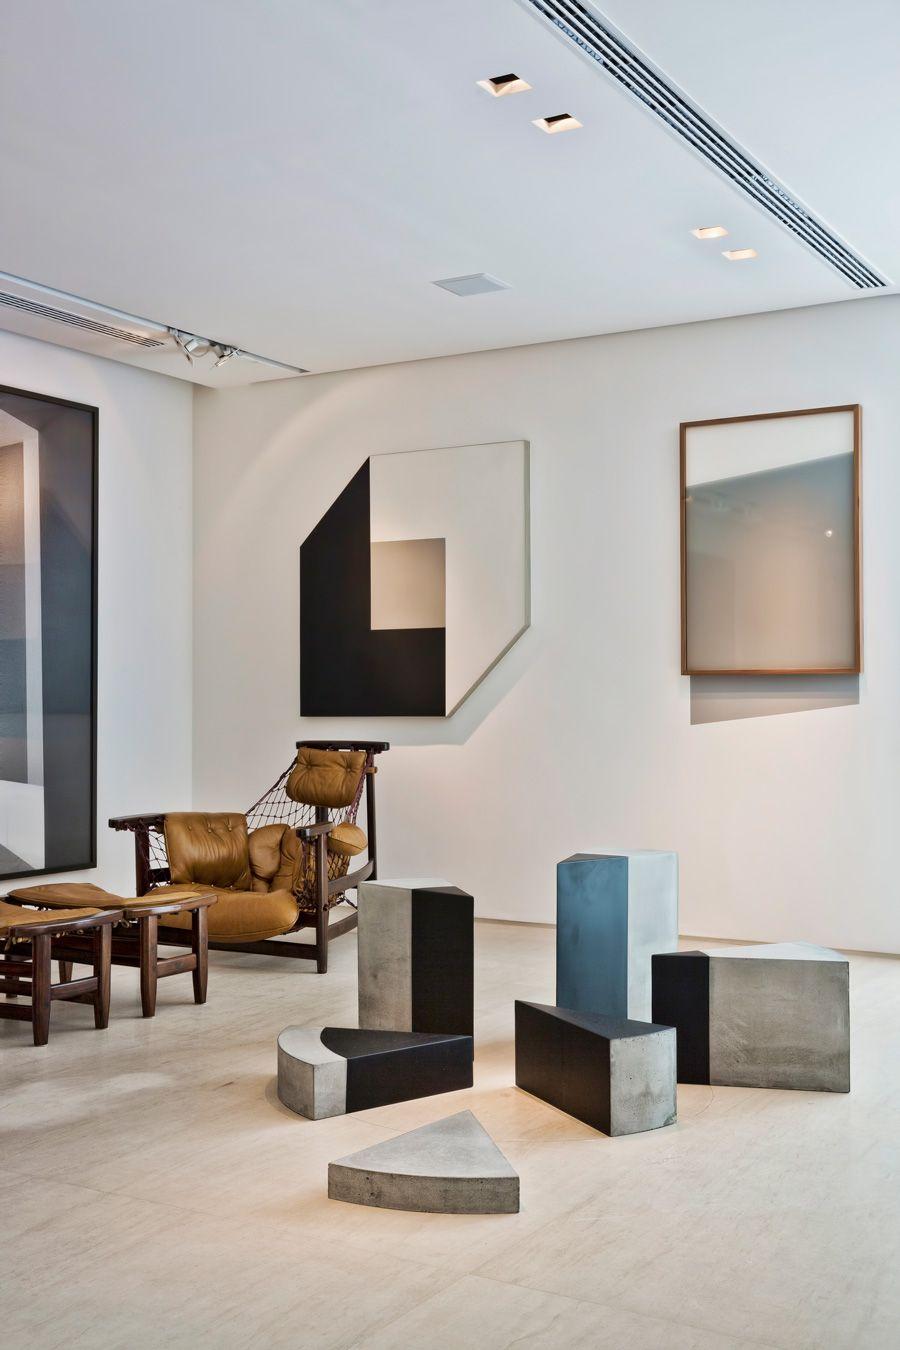 Opumo 3 scandinavian interior design scandinavian style home interior design interior decorating